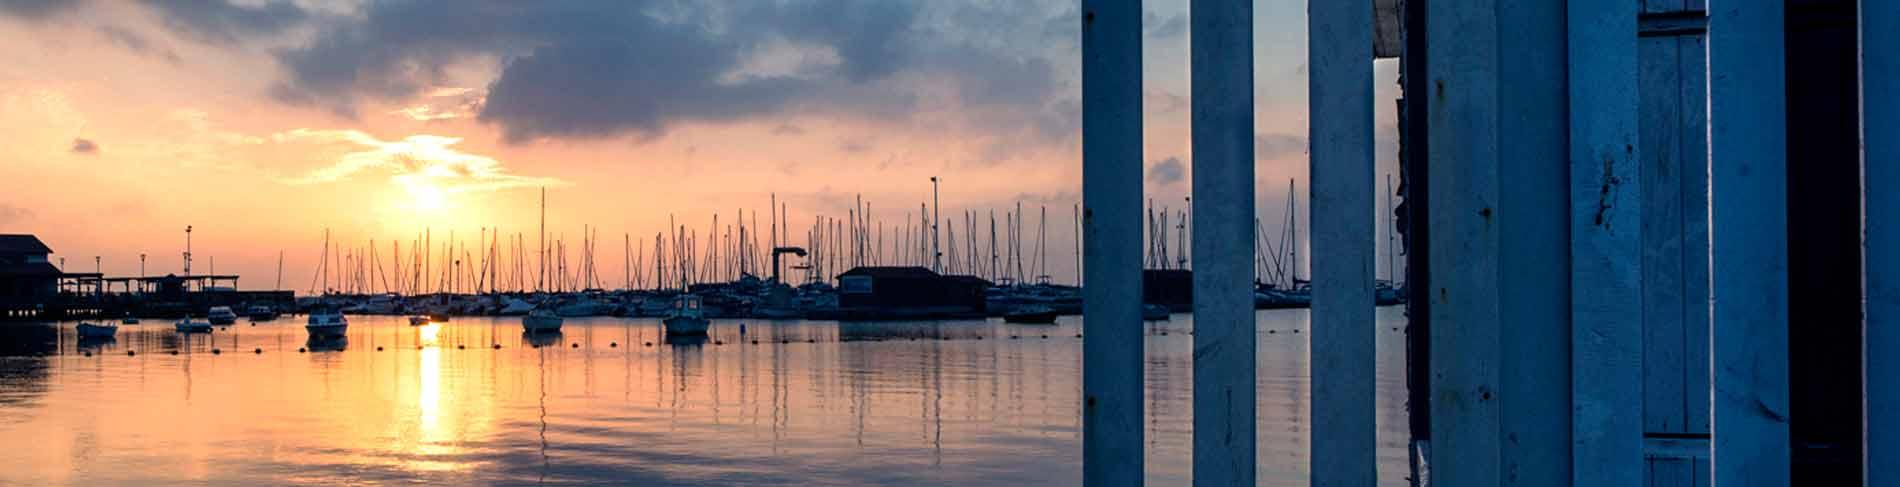 Mar Menor serie panoramica puerto Los Alcazares